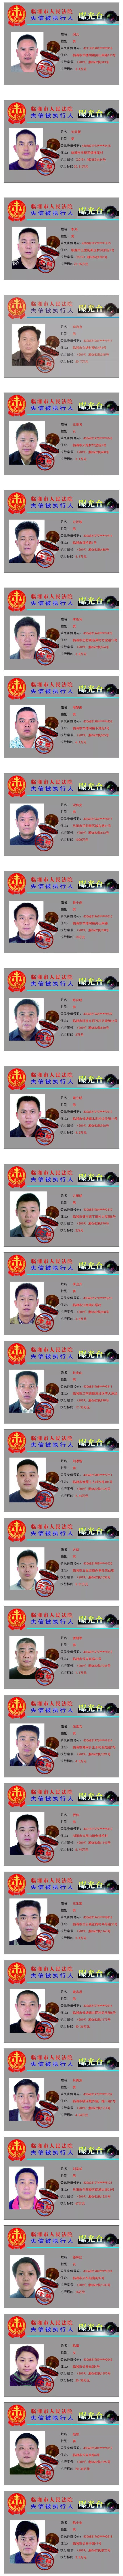 最高欠款1000万元!湖南一批失信被执行人被曝光!